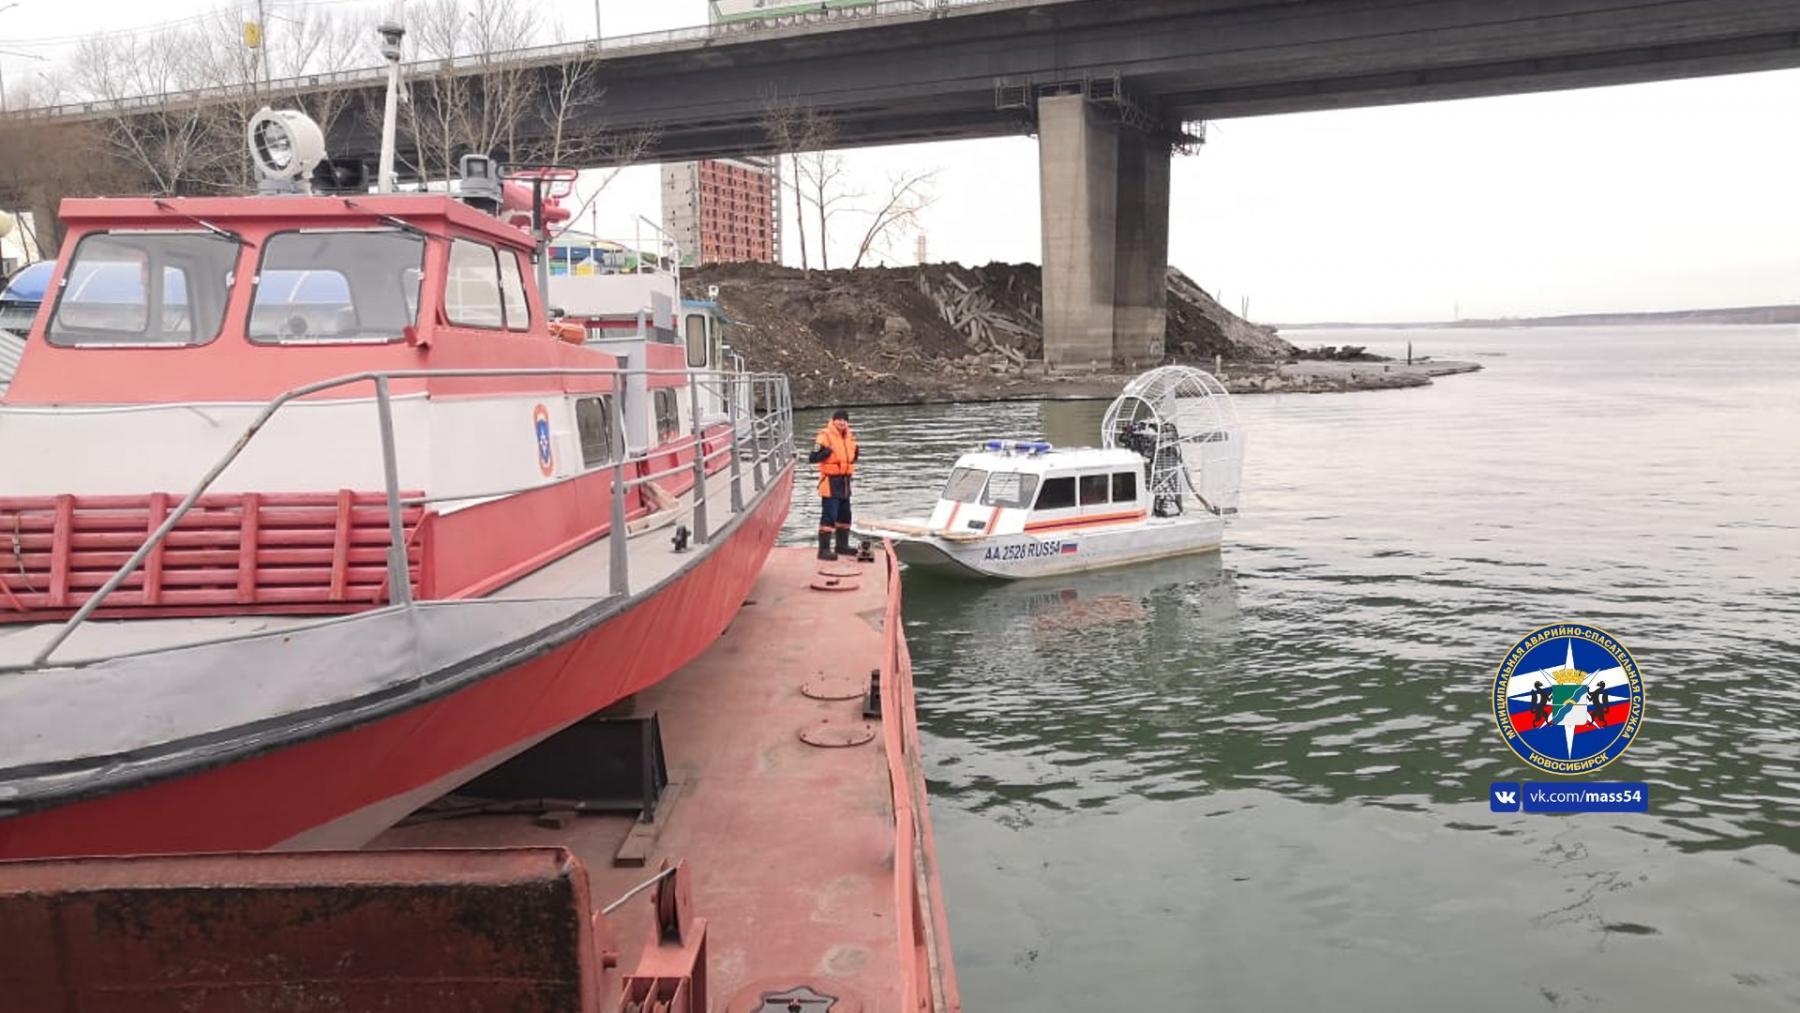 Фото Стали известны подробности спасения в Новосибирске девочки, упавшей с моста 2